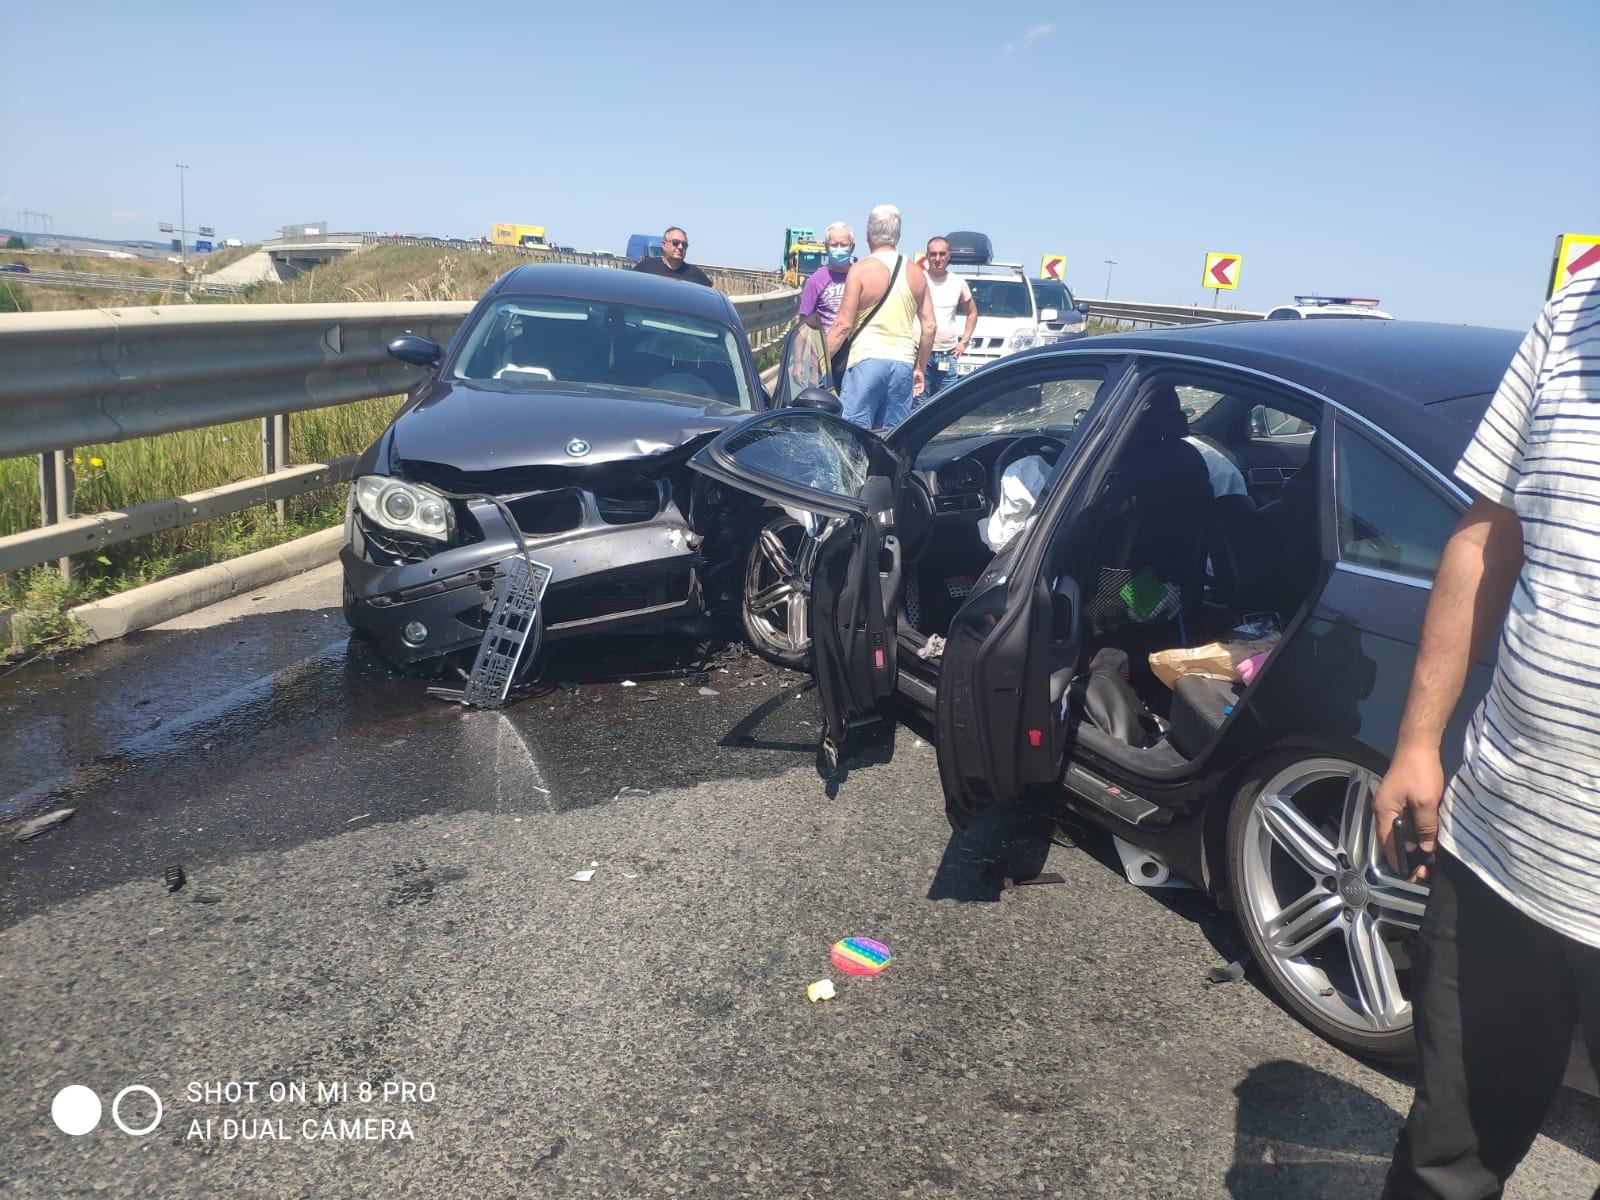 Actualizare: Sunt șase victime implicate în accidentul de pe drumul spre Ocna Sibiului. Trei sunt copii